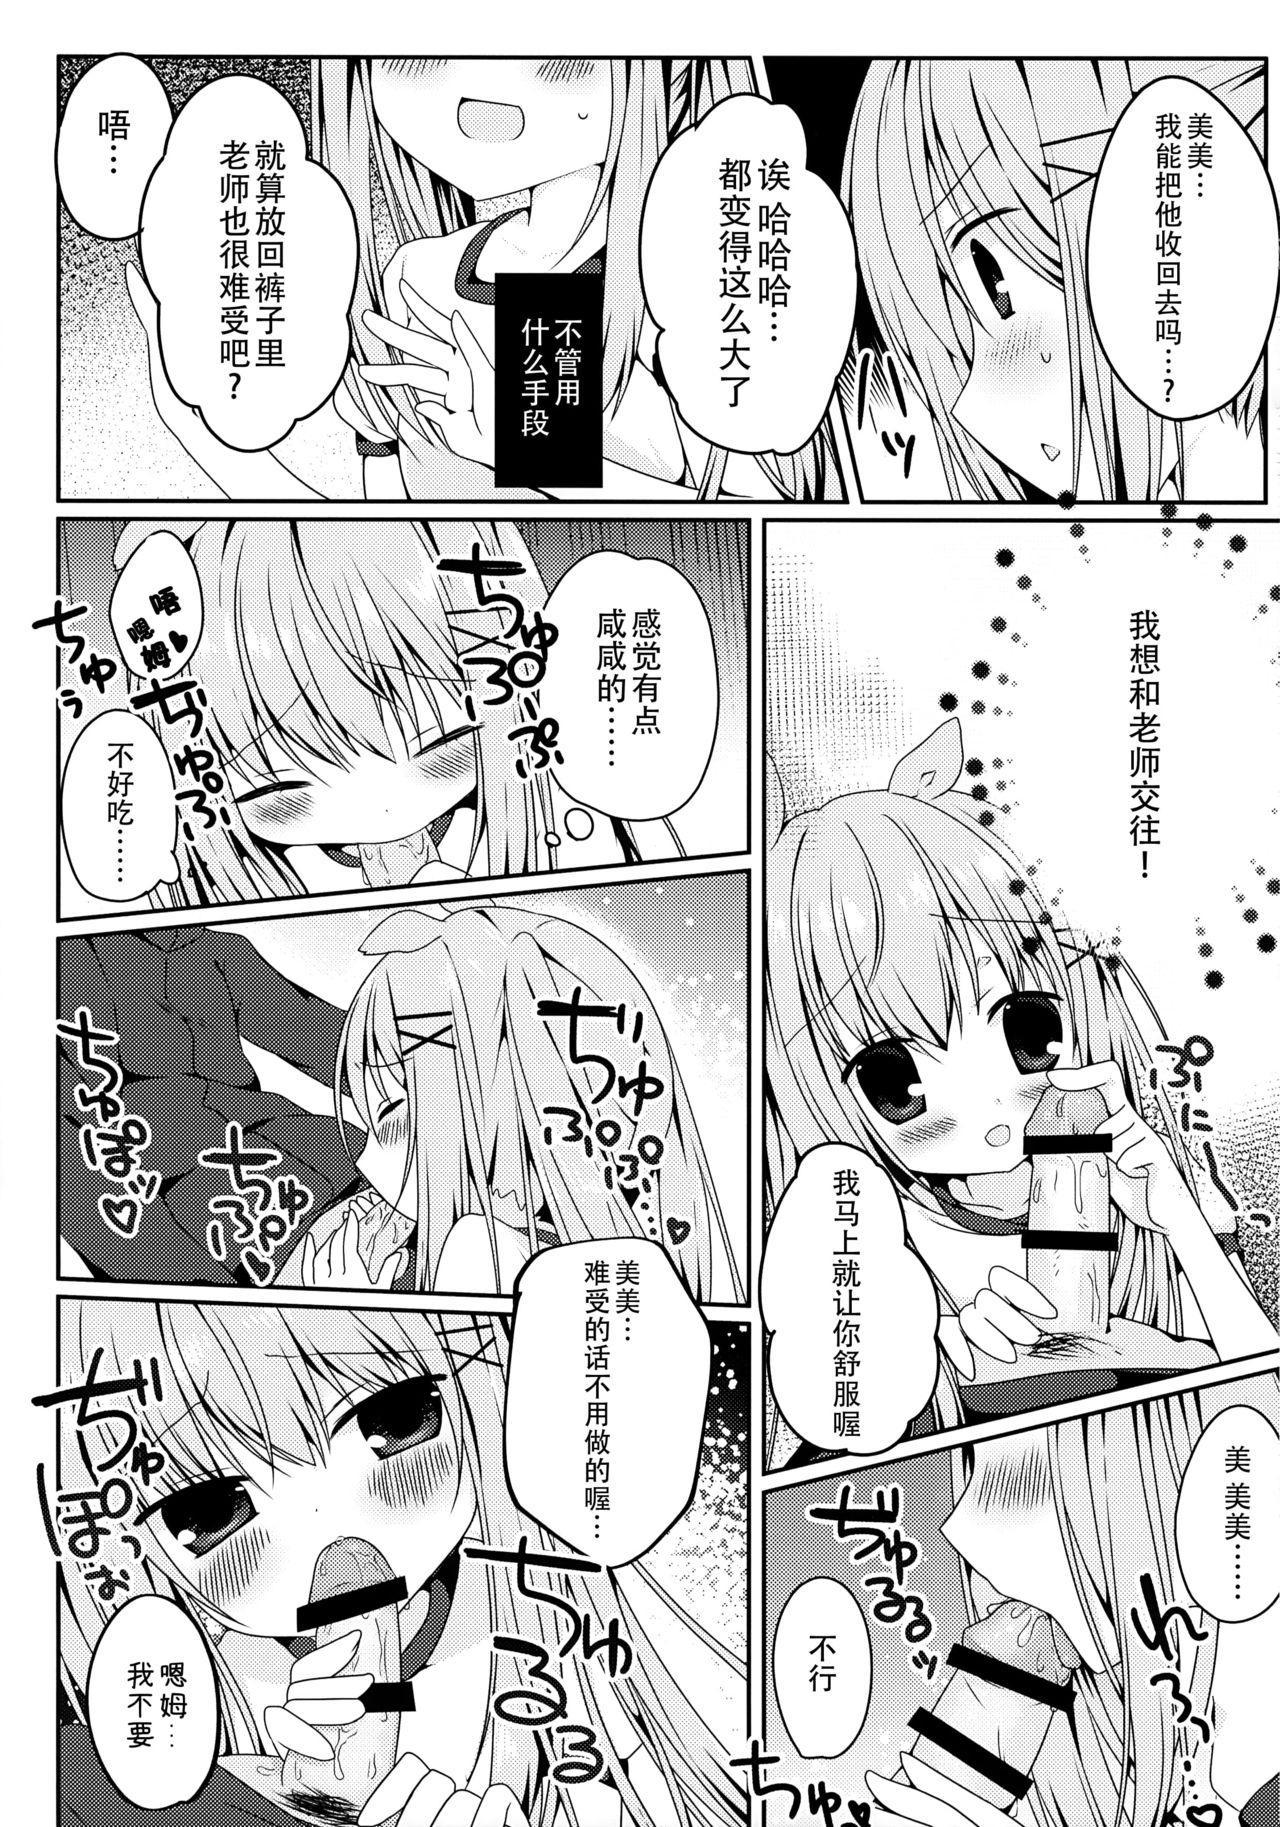 Mimi-chan no Mero x2 Keikaku 10